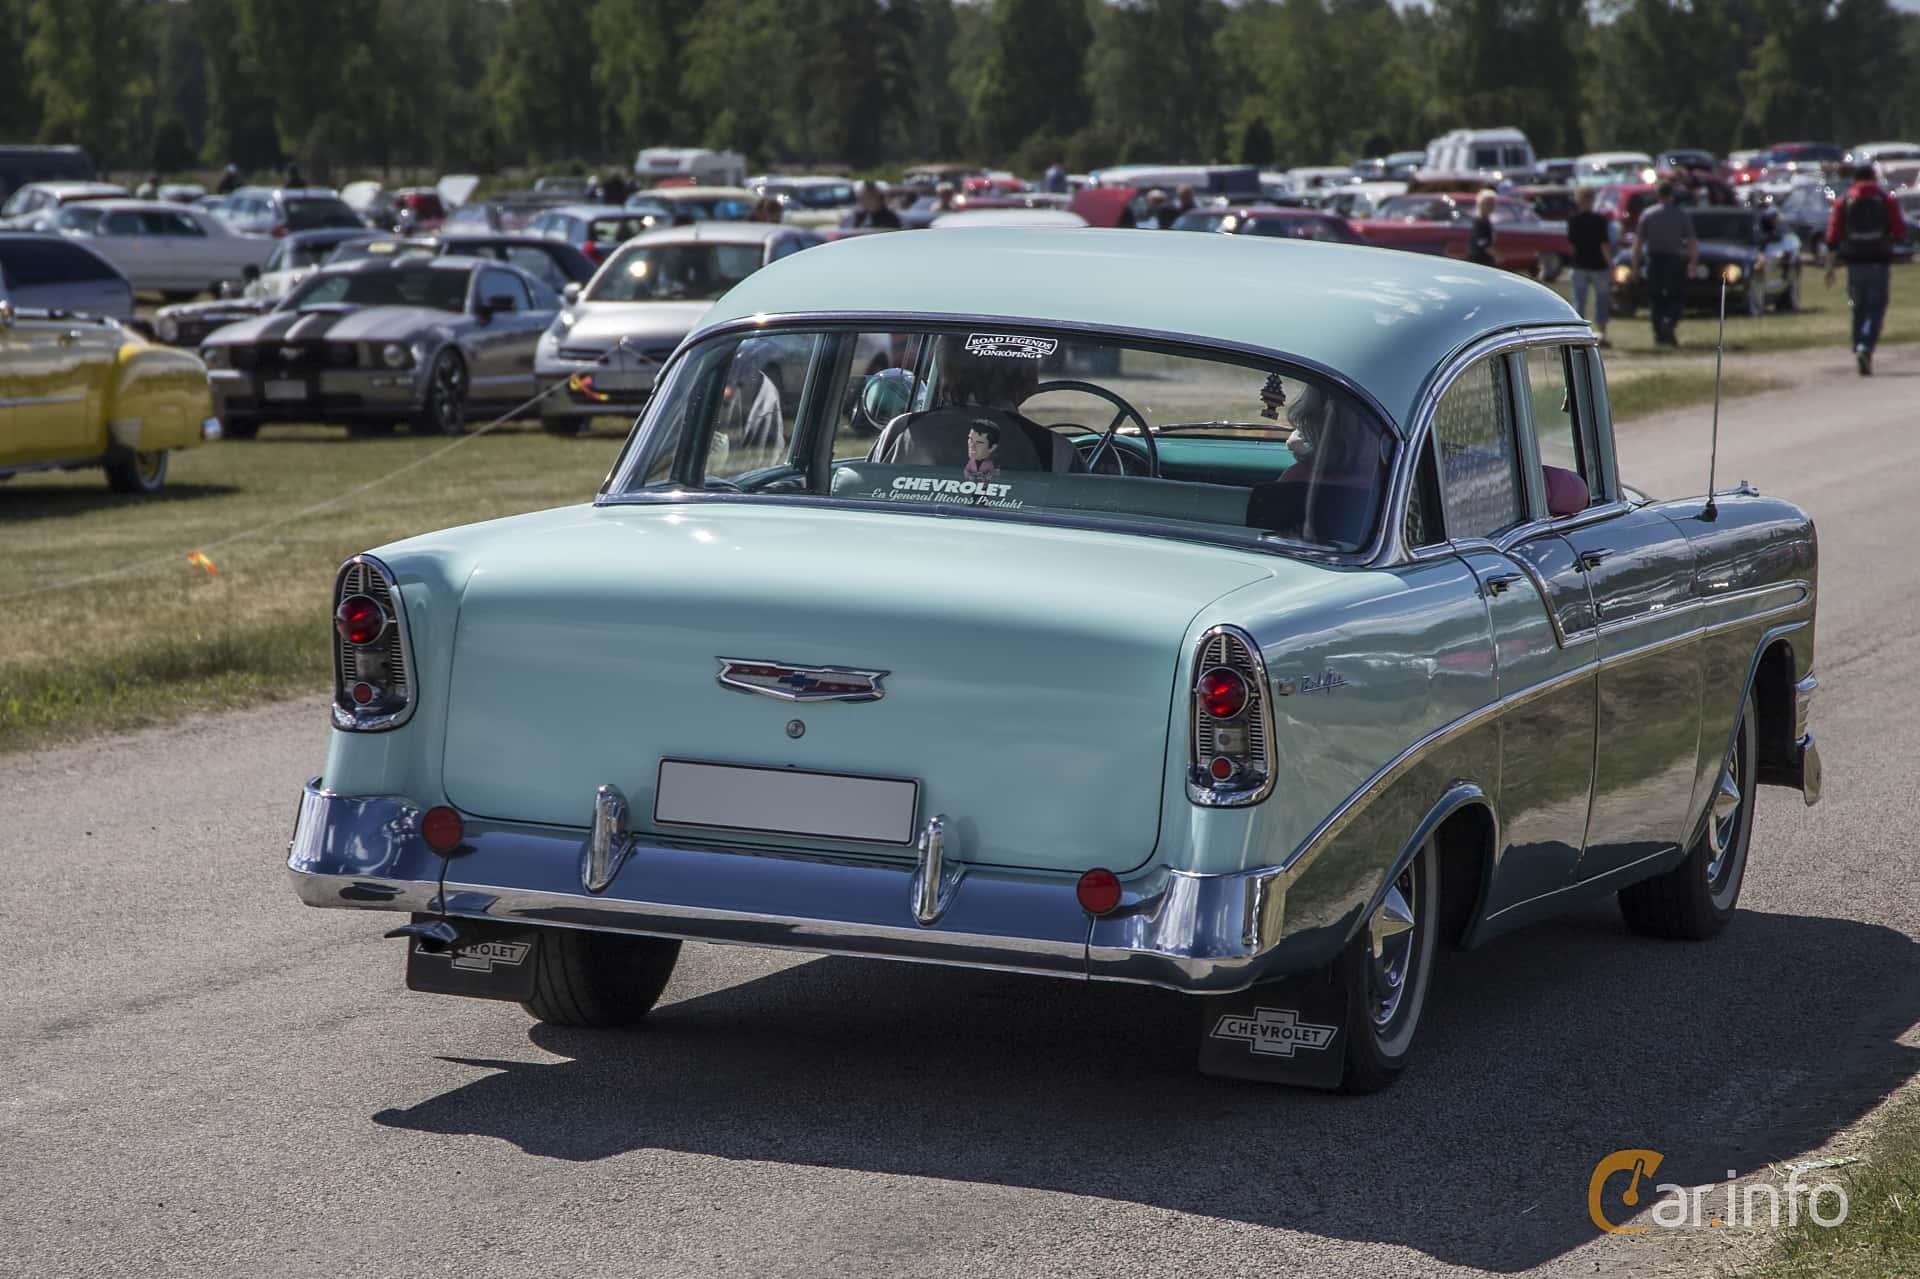 Chevrolet Bel Air 4-door Sedan 3.9 Powerglide, 142hp, 1956 at Nostalgifestivalen i Vårgårda 2016